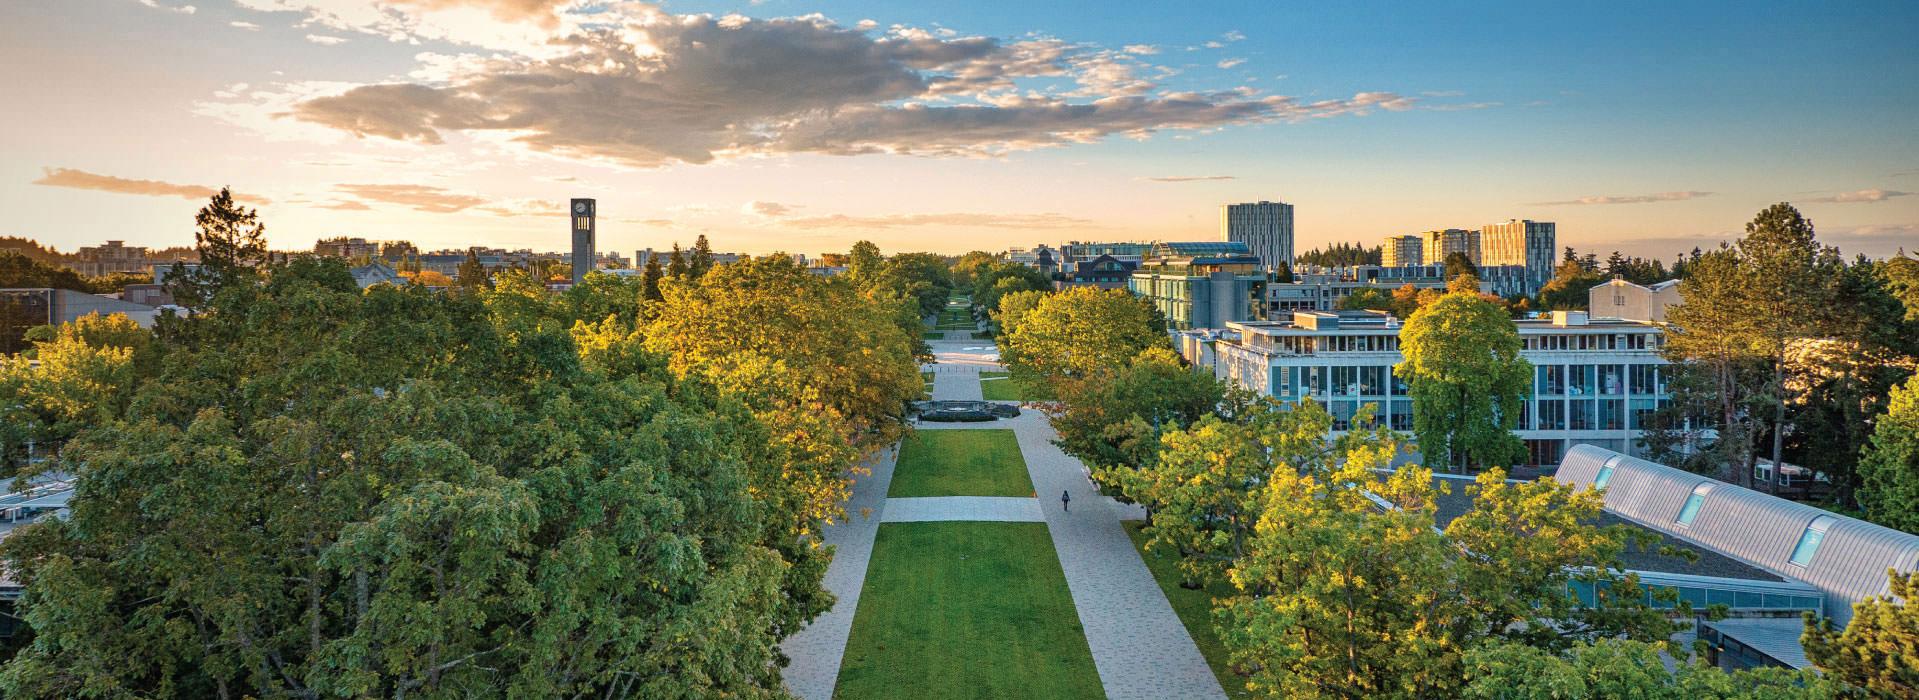 大学��.i�l>[�s3Z�_【干货分享】加拿大11所顶级大学对中国高考和会考的